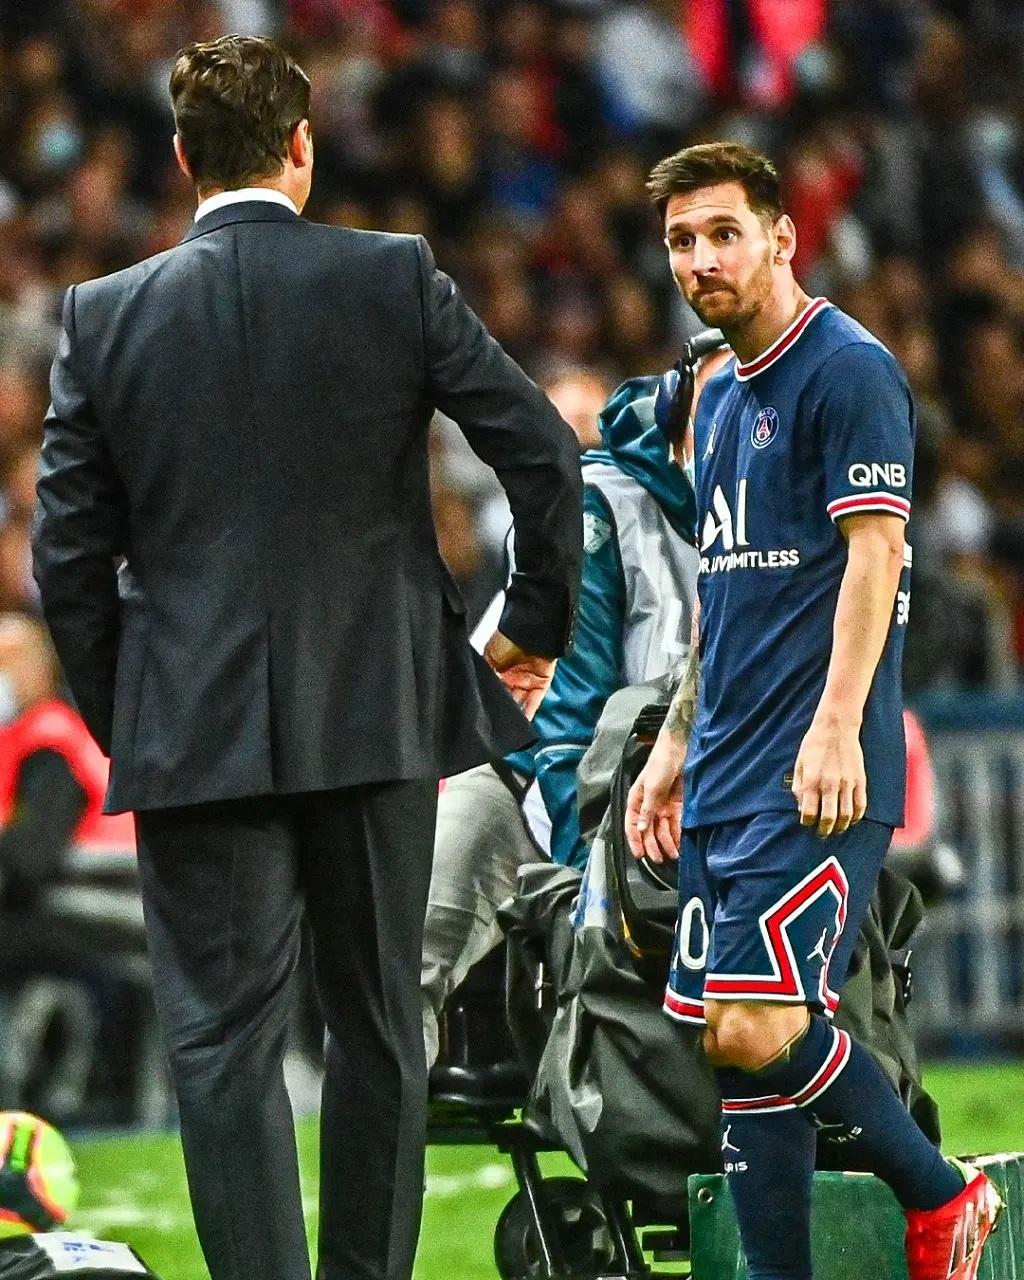 Biến lớn tại PSG: Messi thái độ cực căng với HLV Pochettino, khiến ông thầy  bẽ mặt trước vạn CĐV - Tin Mới Bóng đá